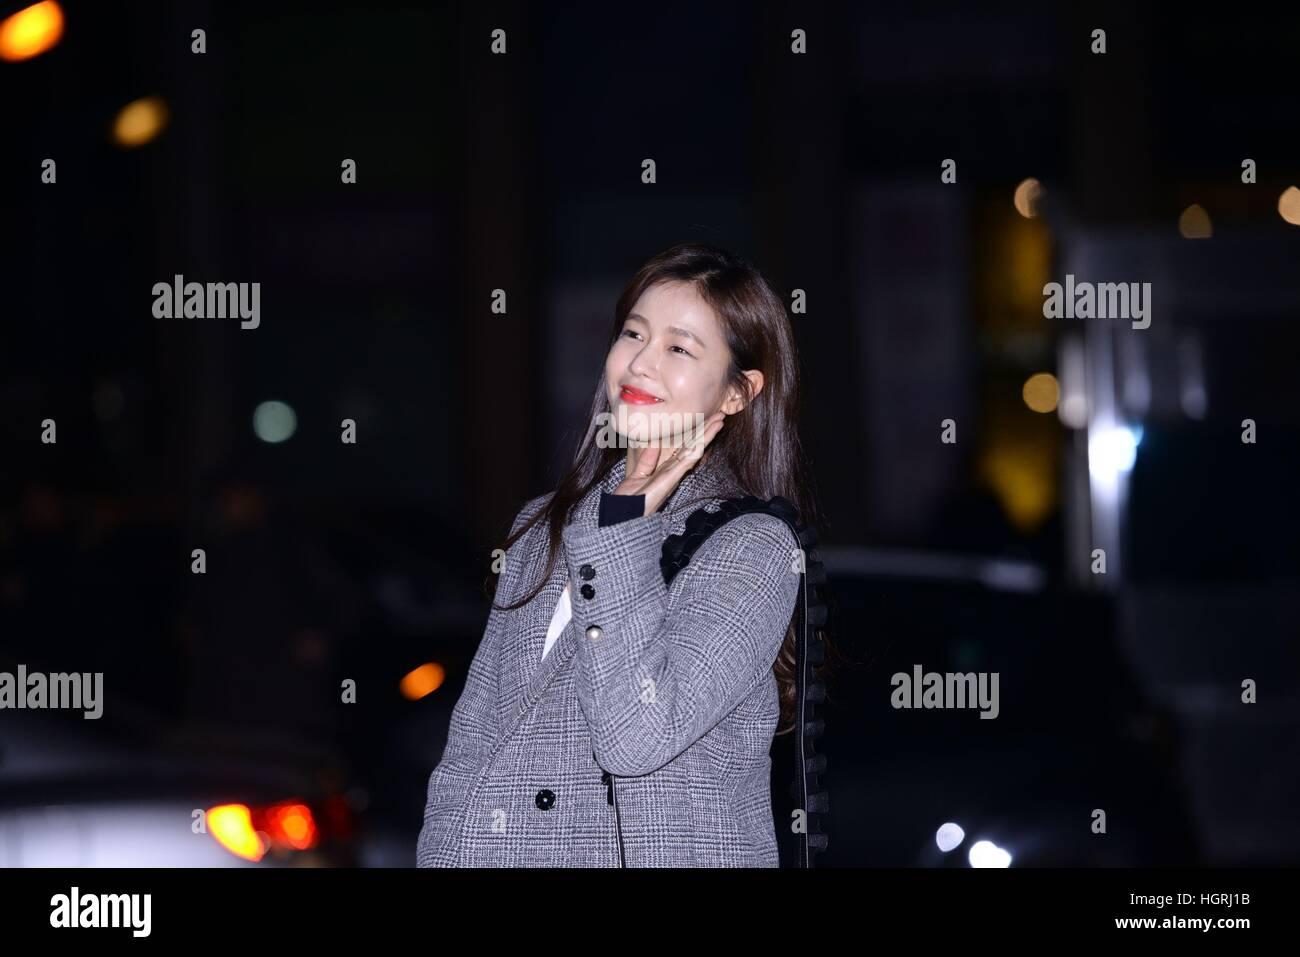 Seoul, Korea. 11th Jan, 2017. (China and Korea Rights Out) Lee Sung Kyung, Ju-Hyuk Nam, Jae-yun Lee, Su-jin Gyeong Stock Photo